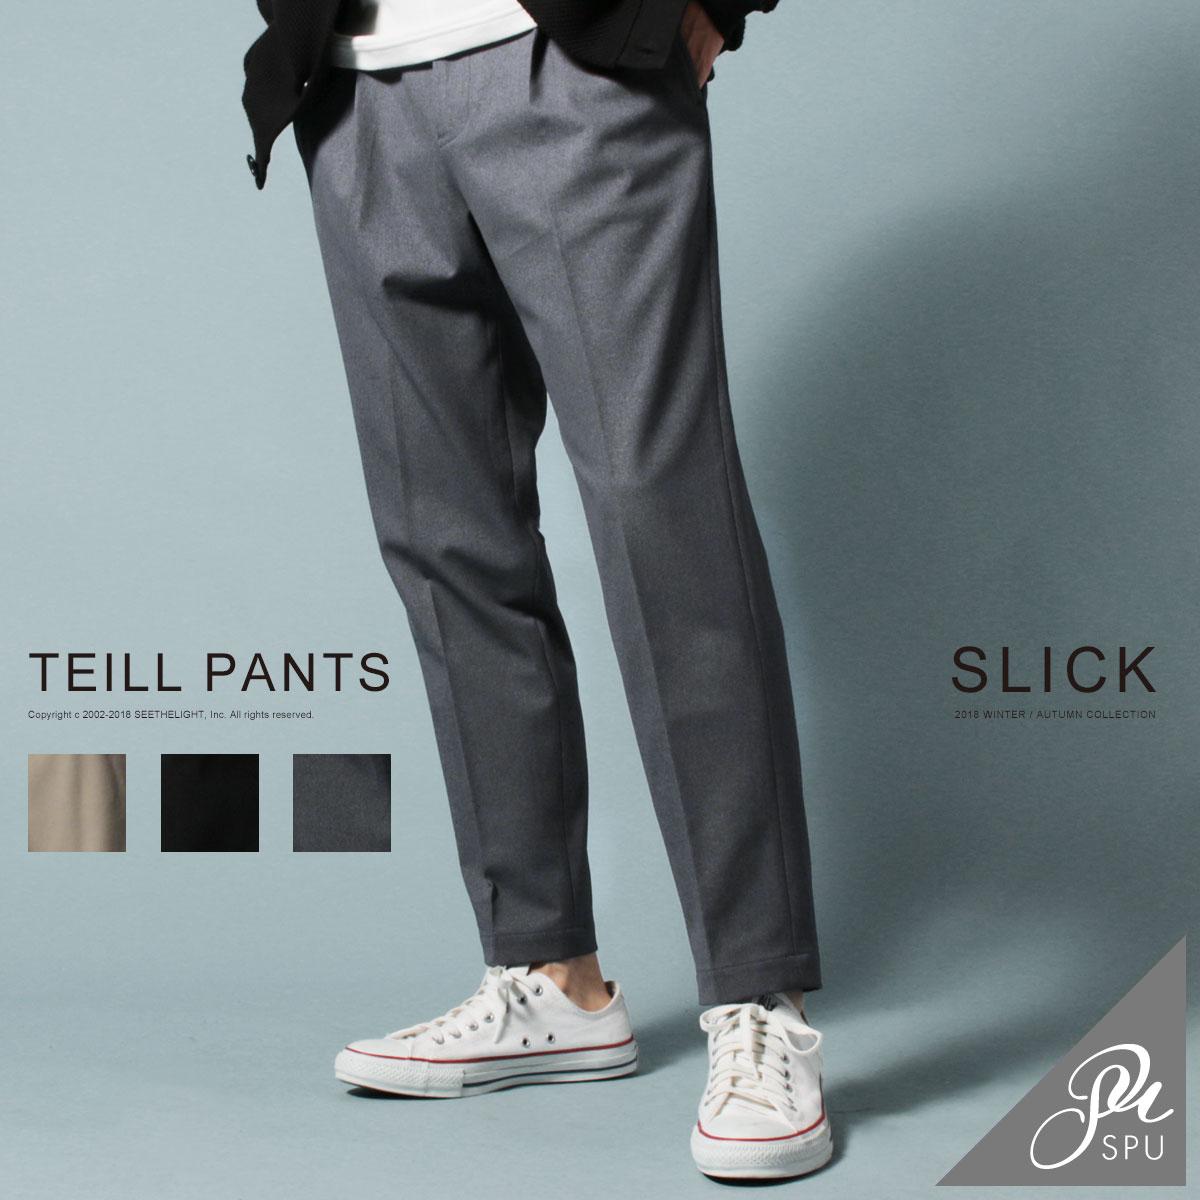 トラウザーパンツ メンズ パンツ 春 夏 Primeflex ストレッチ ツイル スリム トラウザーパンツ スラックス SLICK スリック 5155402